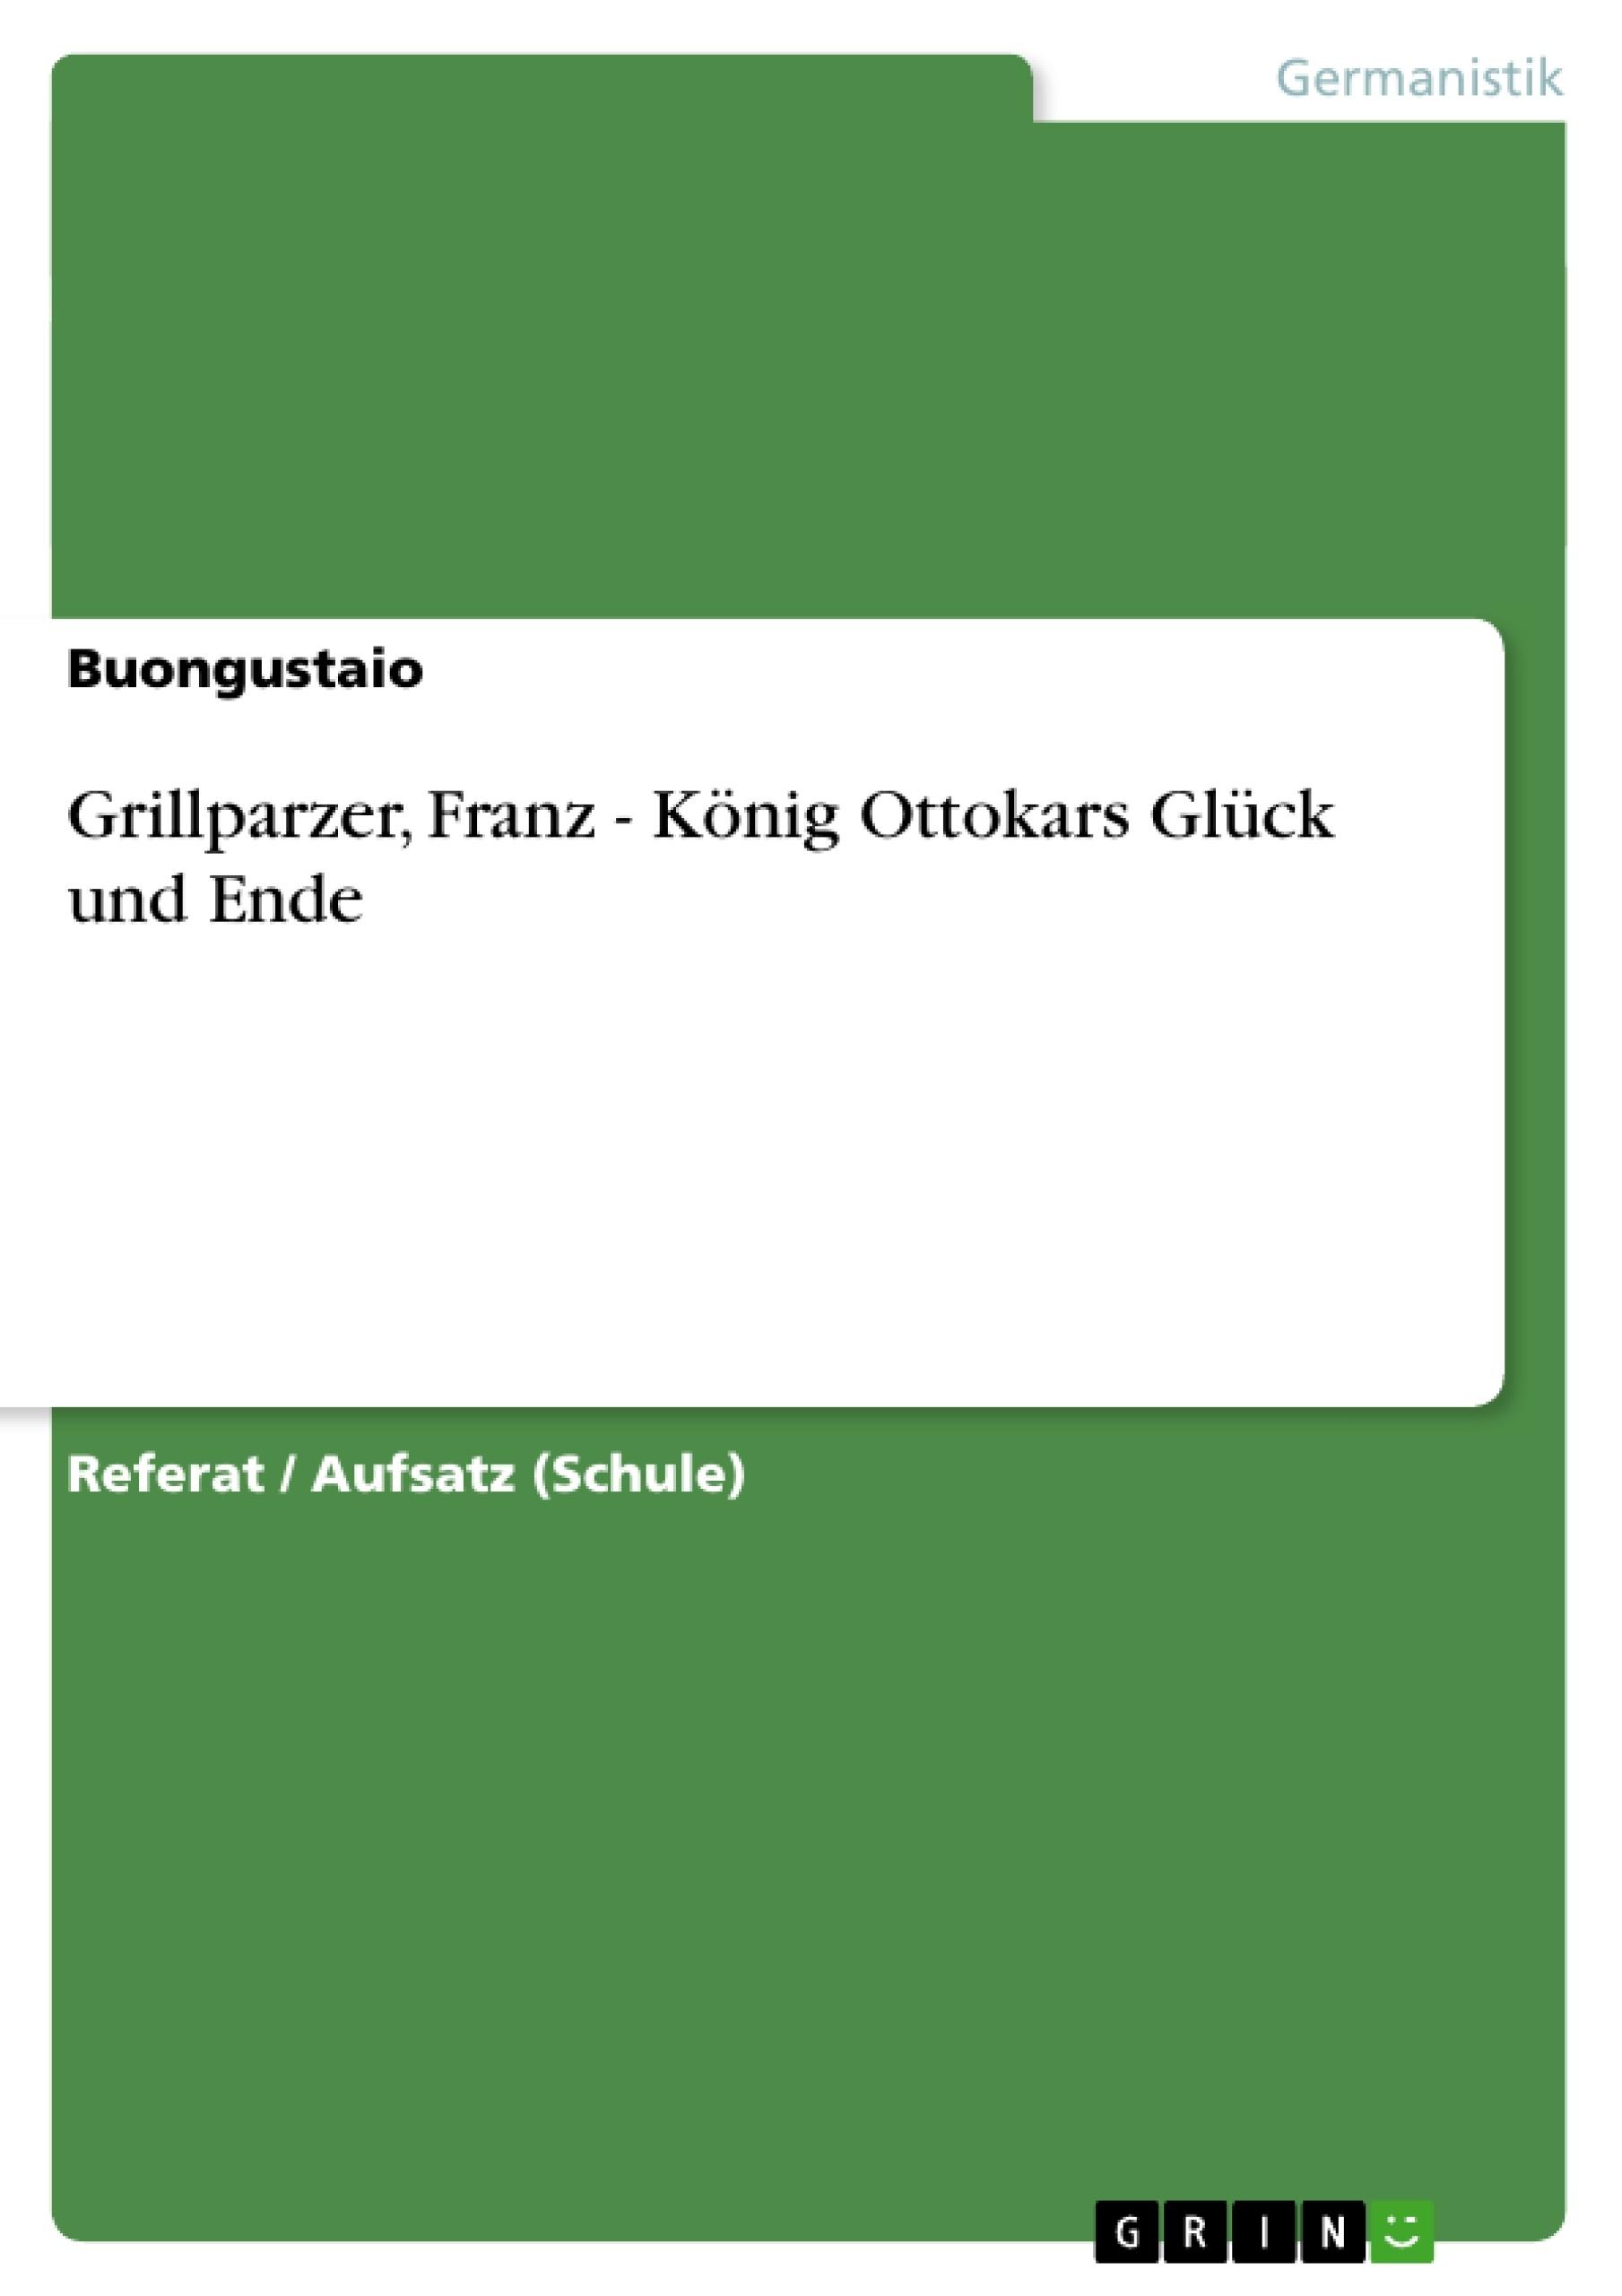 Titel: Grillparzer, Franz - König Ottokars Glück und Ende